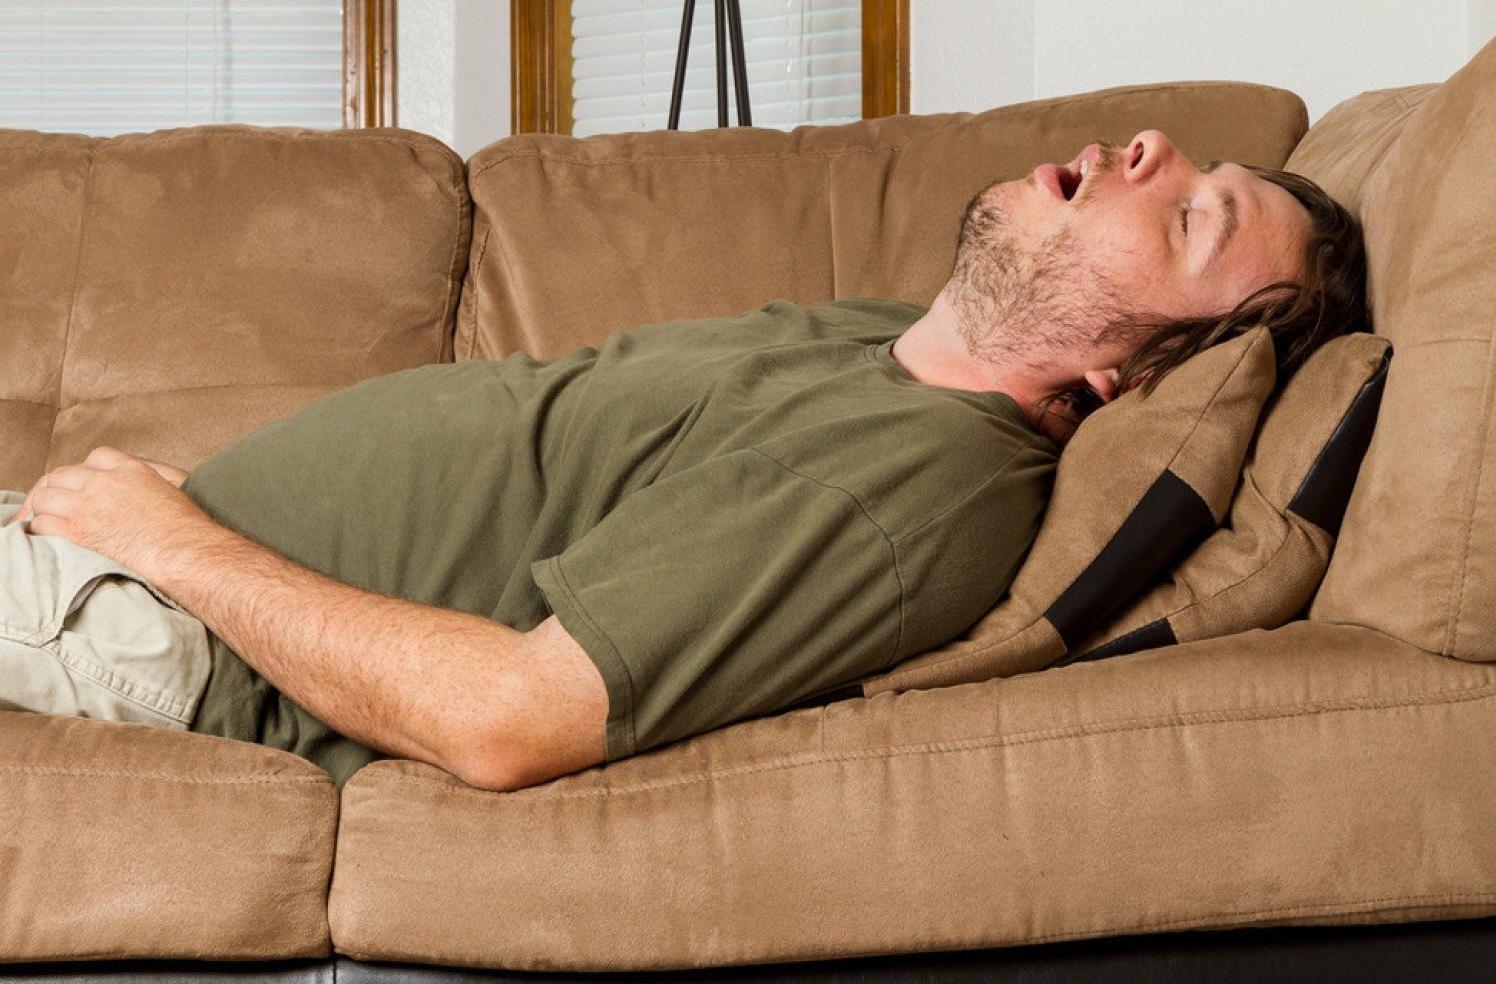 Как успокоить пьяного агрессивного человека правильно?